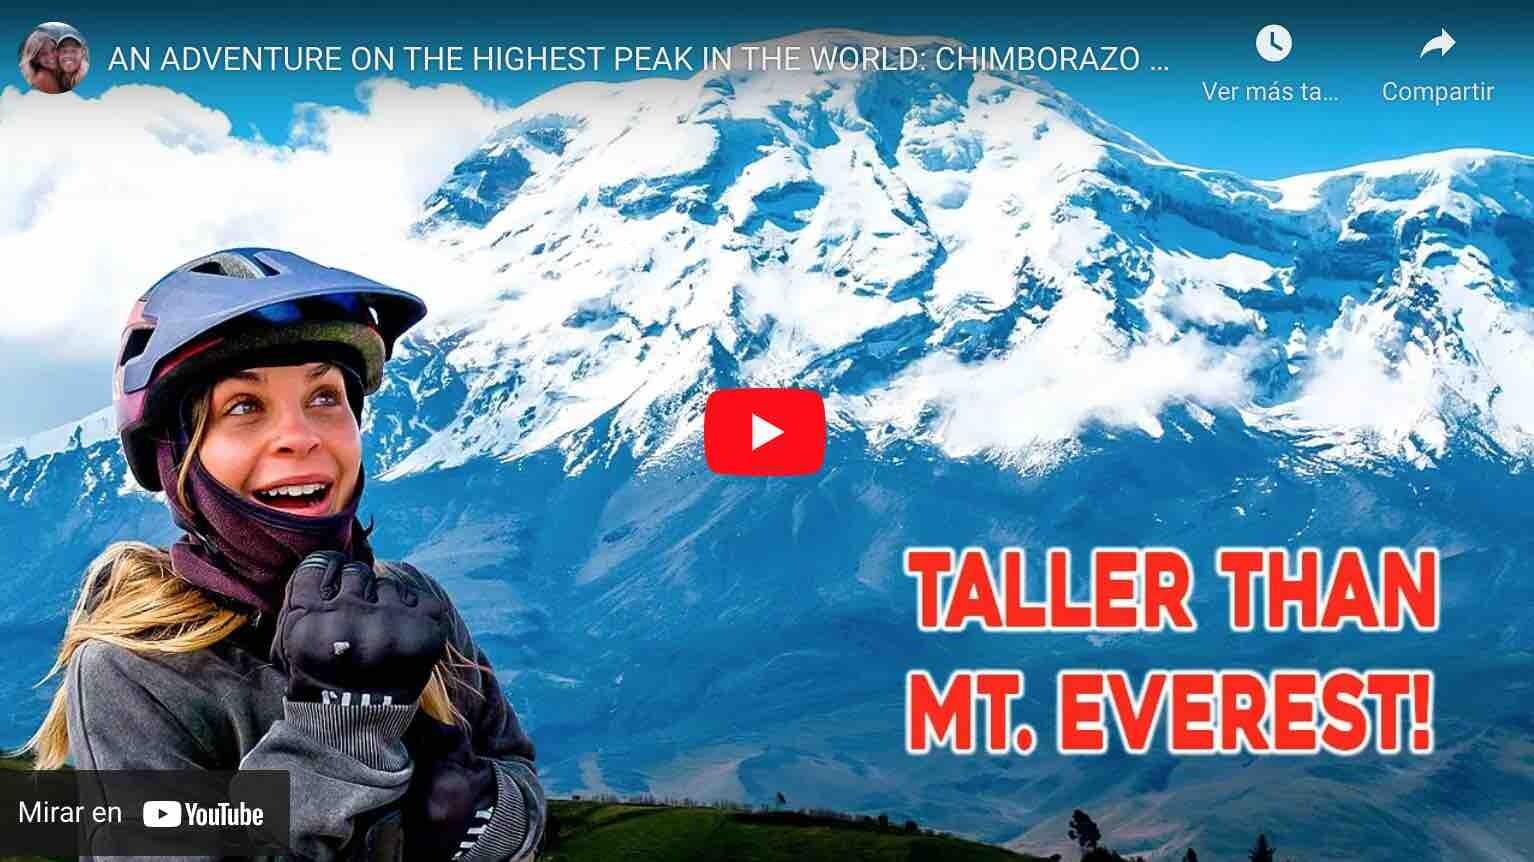 VIDEO: Pareja de Turistas de Estados Unidos y Su Maravillosa Experiencia en el Chimborazo